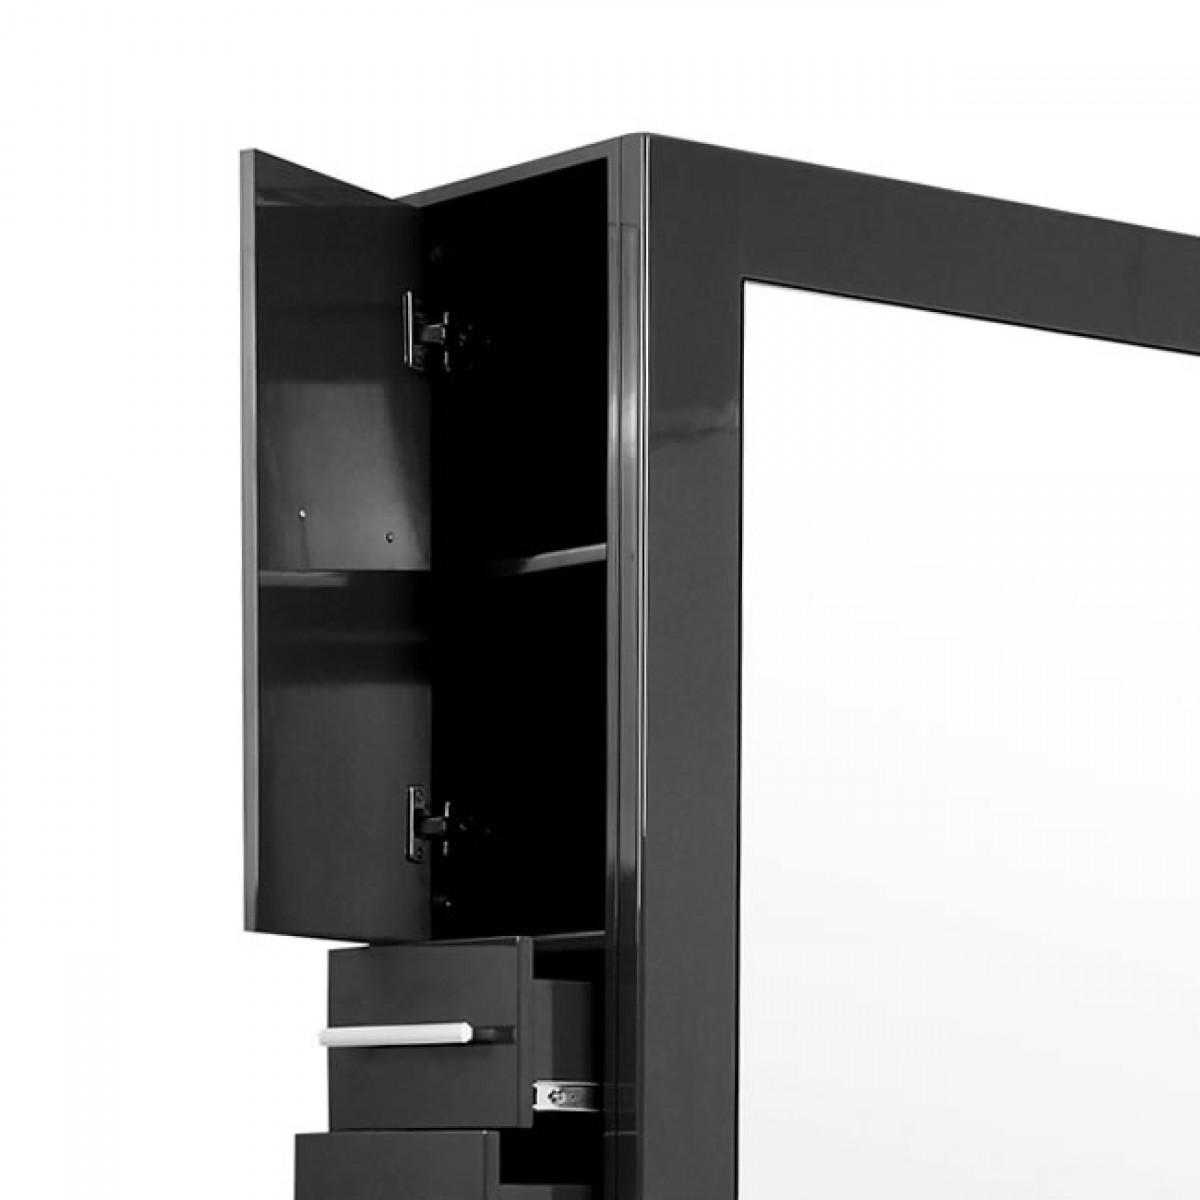 TAHITI Double Sided Styling Station Salon Styling